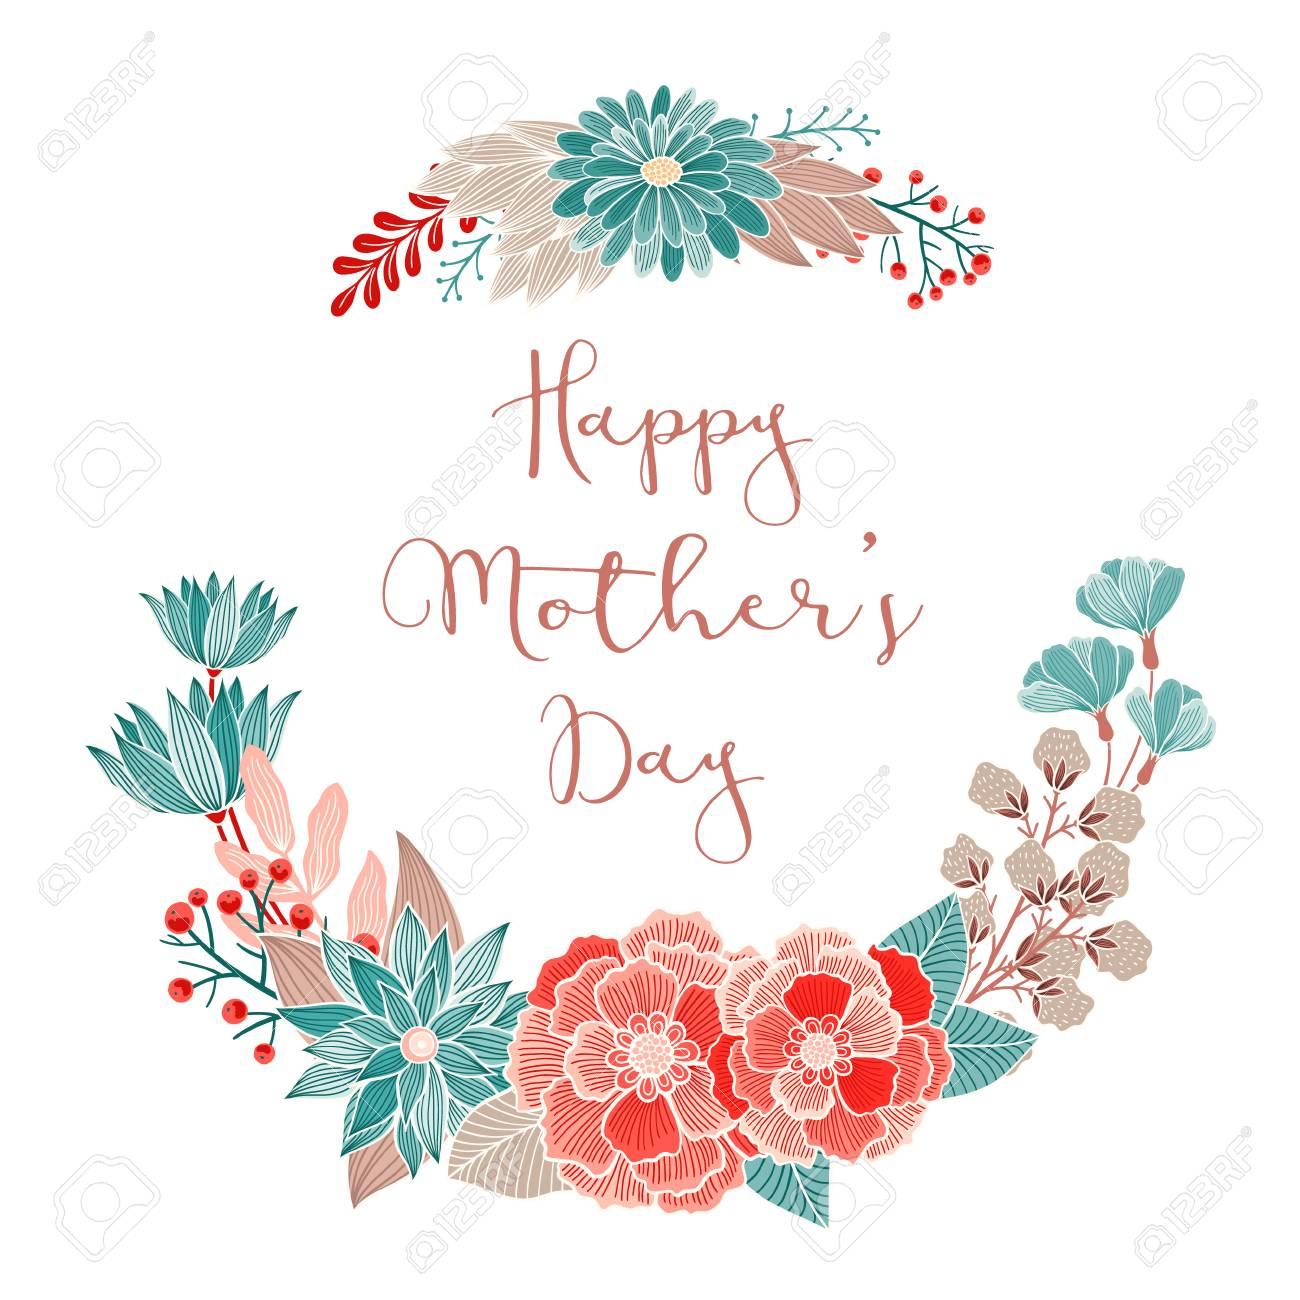 Feliz Tarjeta Floral Del Día De Madres Invitación Ahorra La Fecha Rsvp Recepción Gracias Cumpleaños Plantilla De La Tarjeta De Vacaciones Con